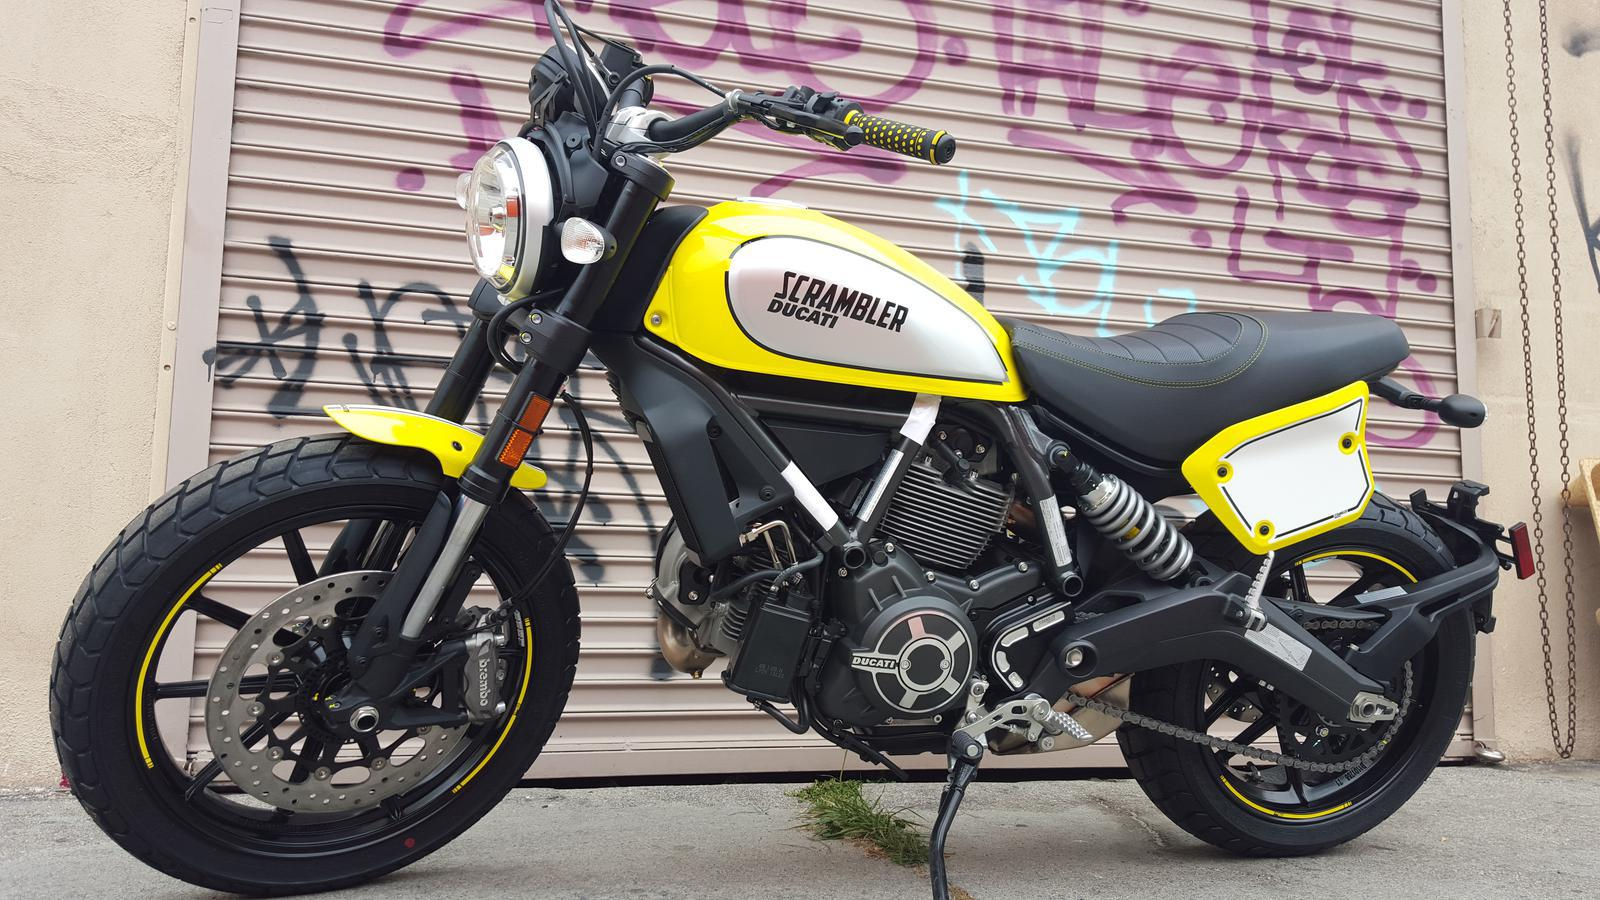 Car Ducati Flat идеи изображения мотоцикла